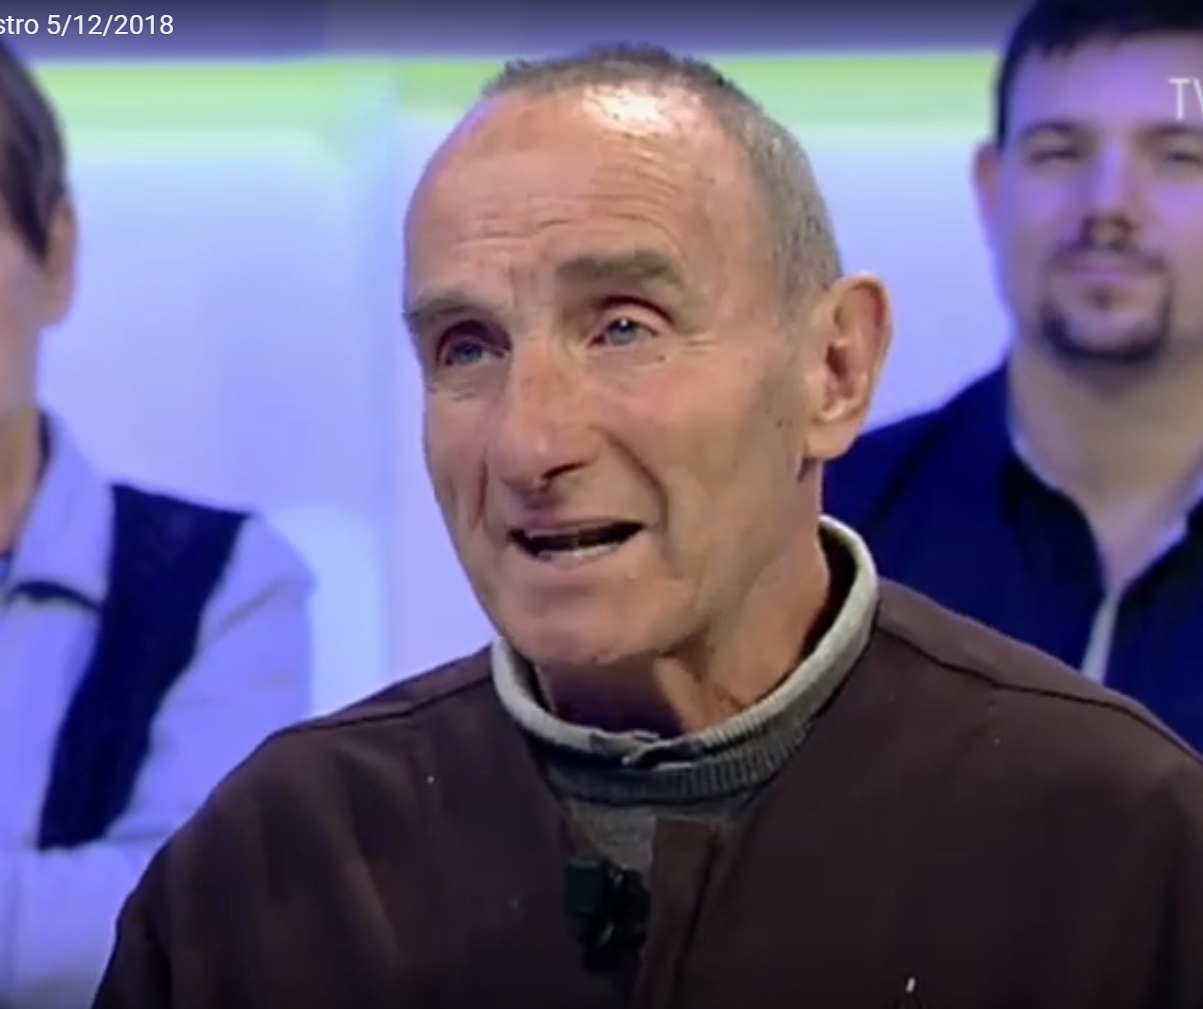 Giovanni Nicolini il 5 dicembre 2018 a TV2000